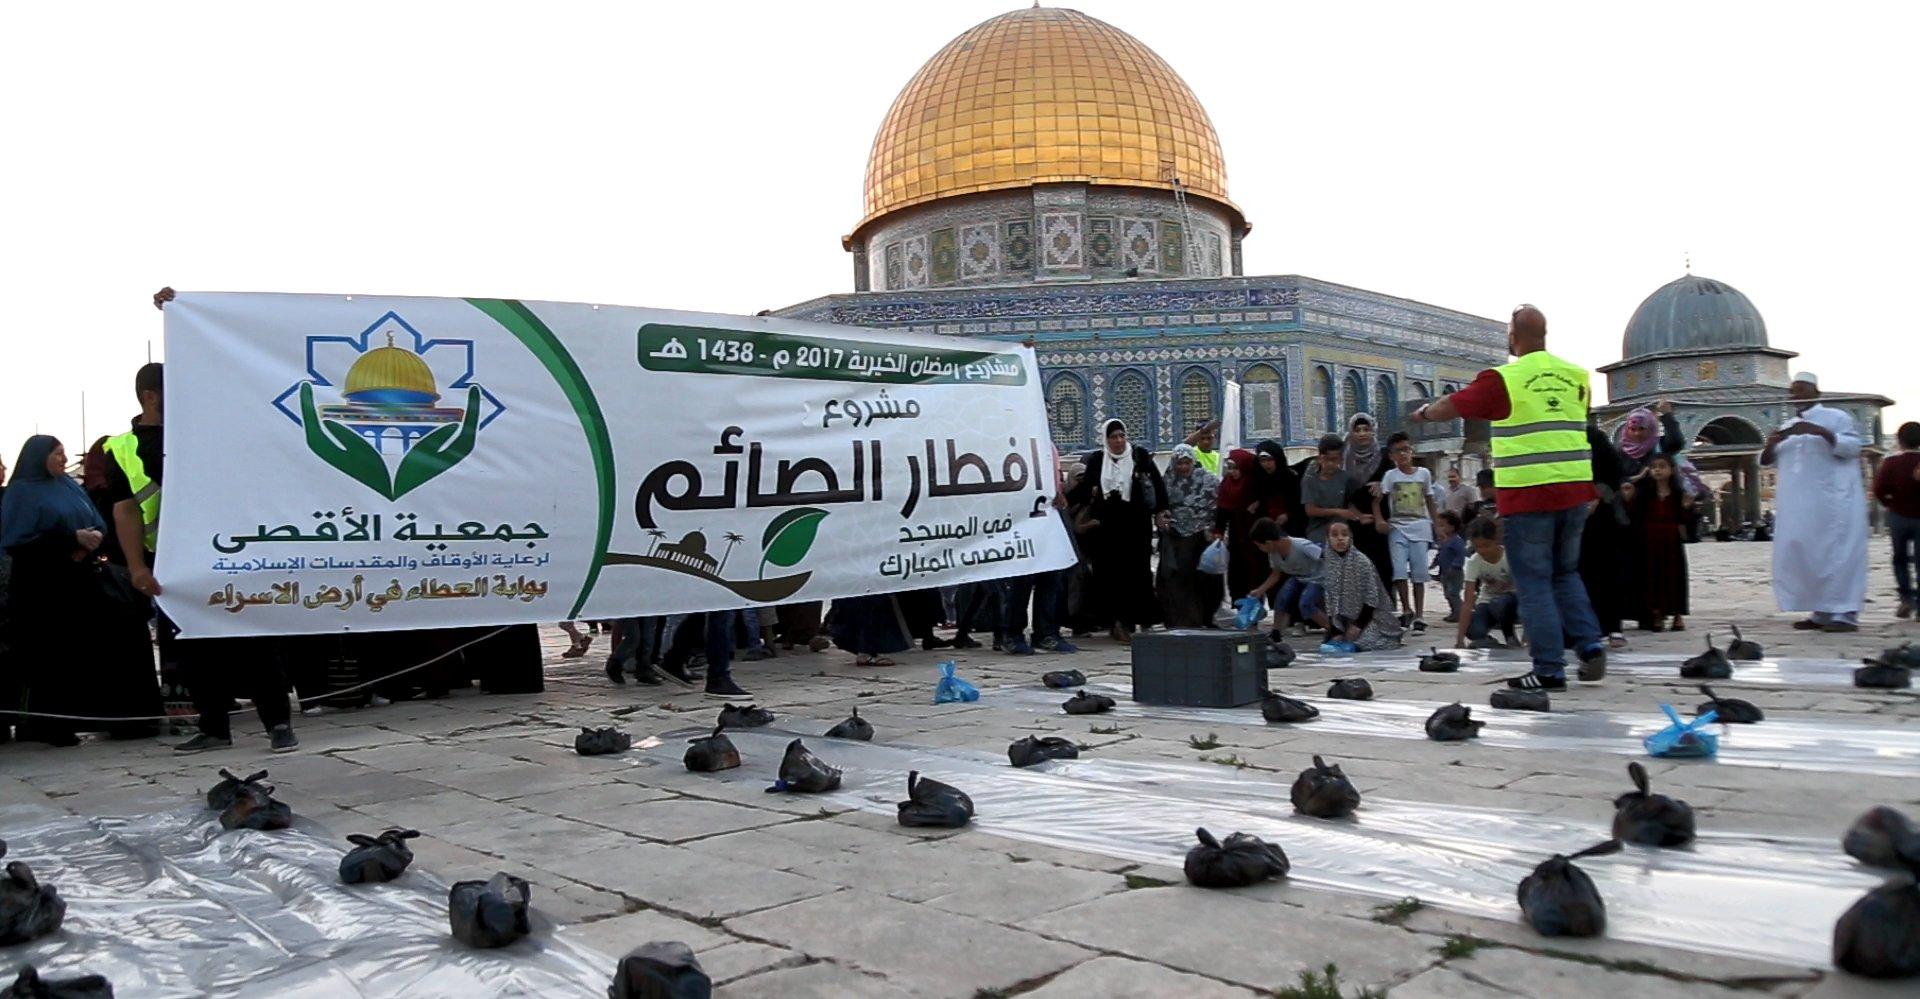 الحركة الإسلامية في الداخل الفلسطيني: انتهاك حرمة الاقصى سيرتد وبالا على المعتدين